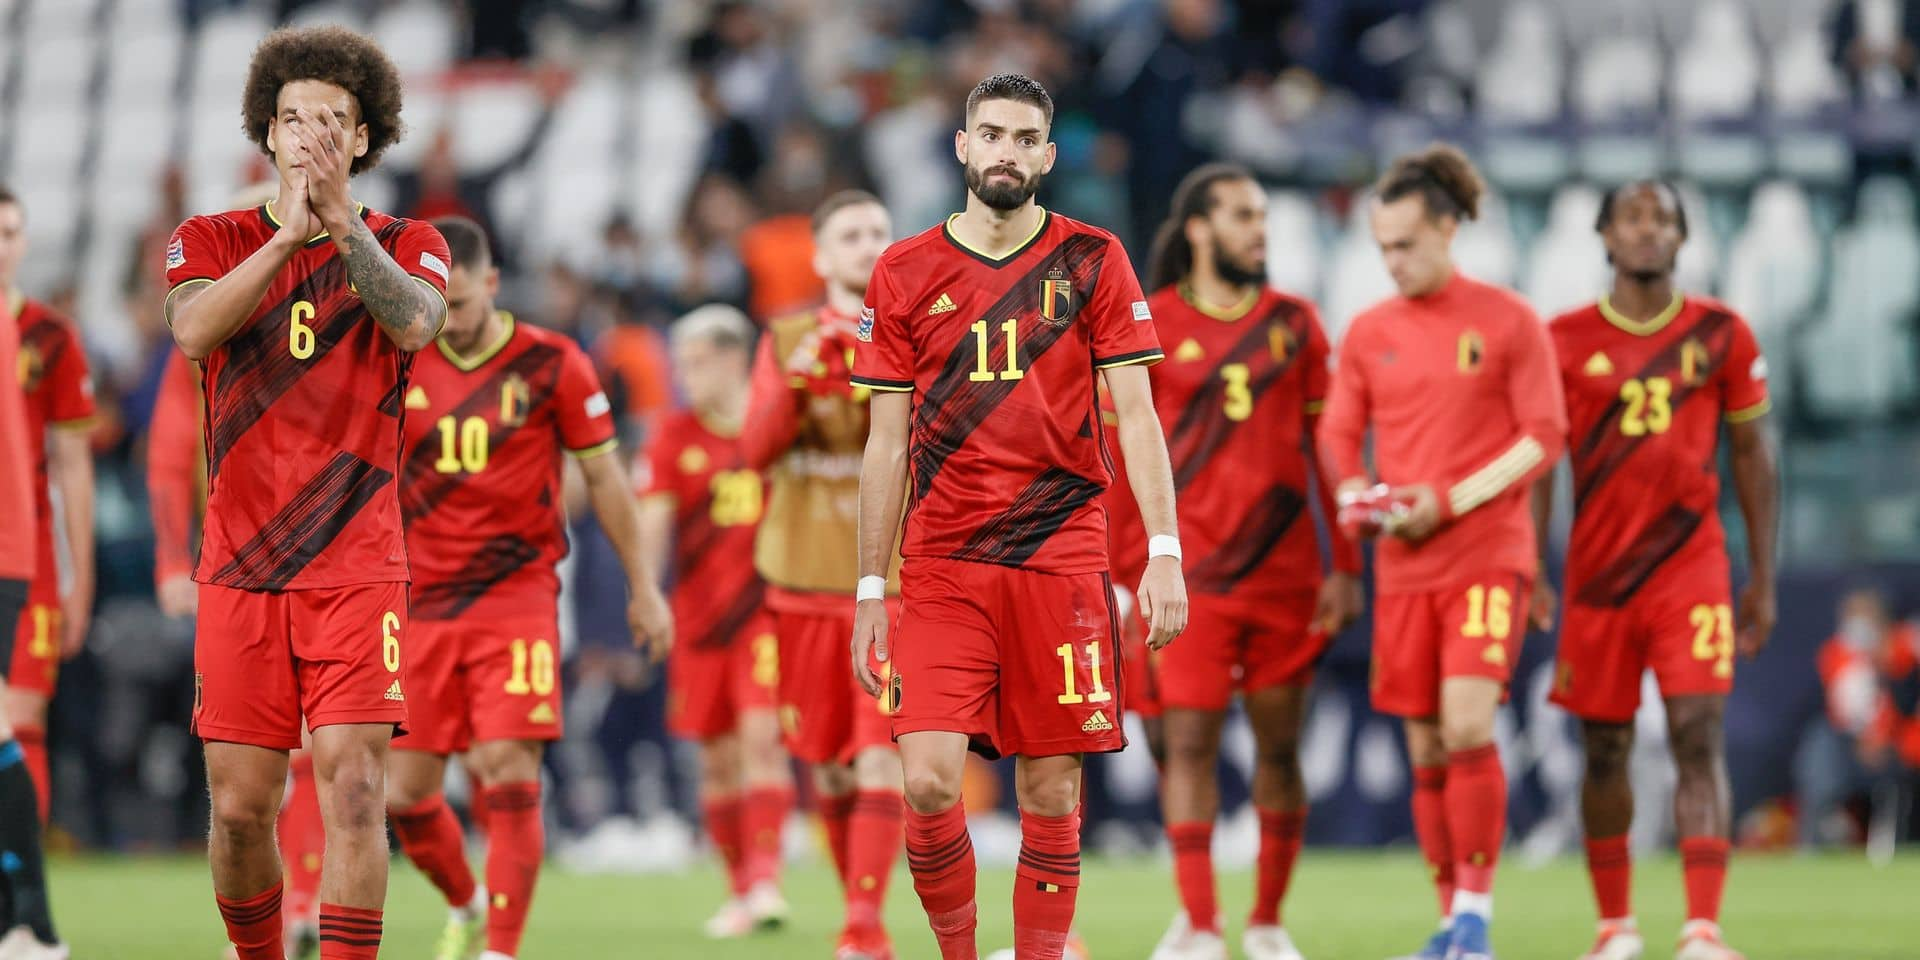 Une douzaine de matchs d'ici le Mondial au Qatar